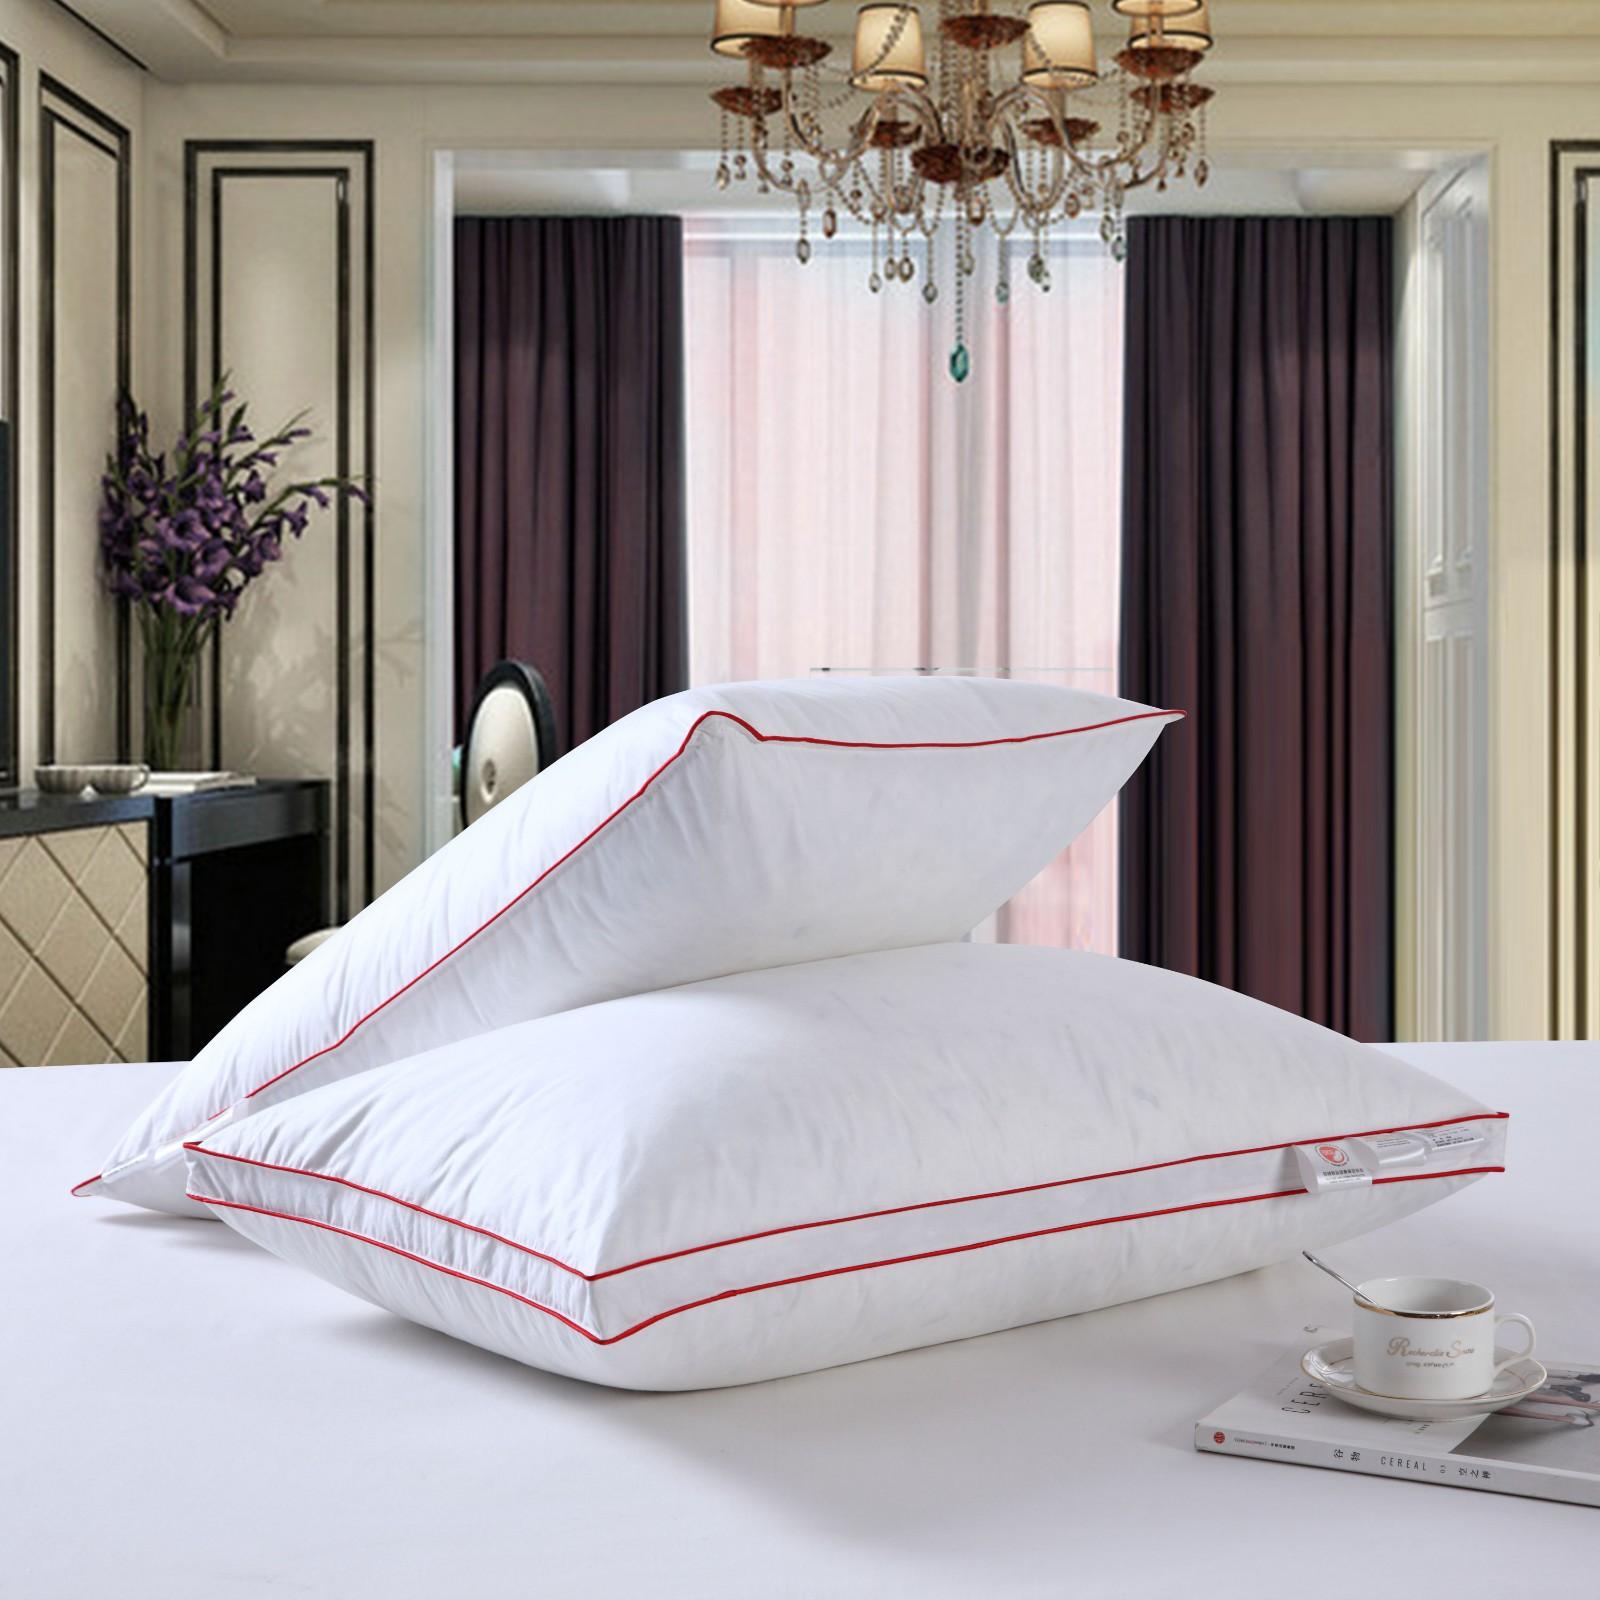 枕头枕芯    酒店全棉30%白鸭绒枕芯  路安特